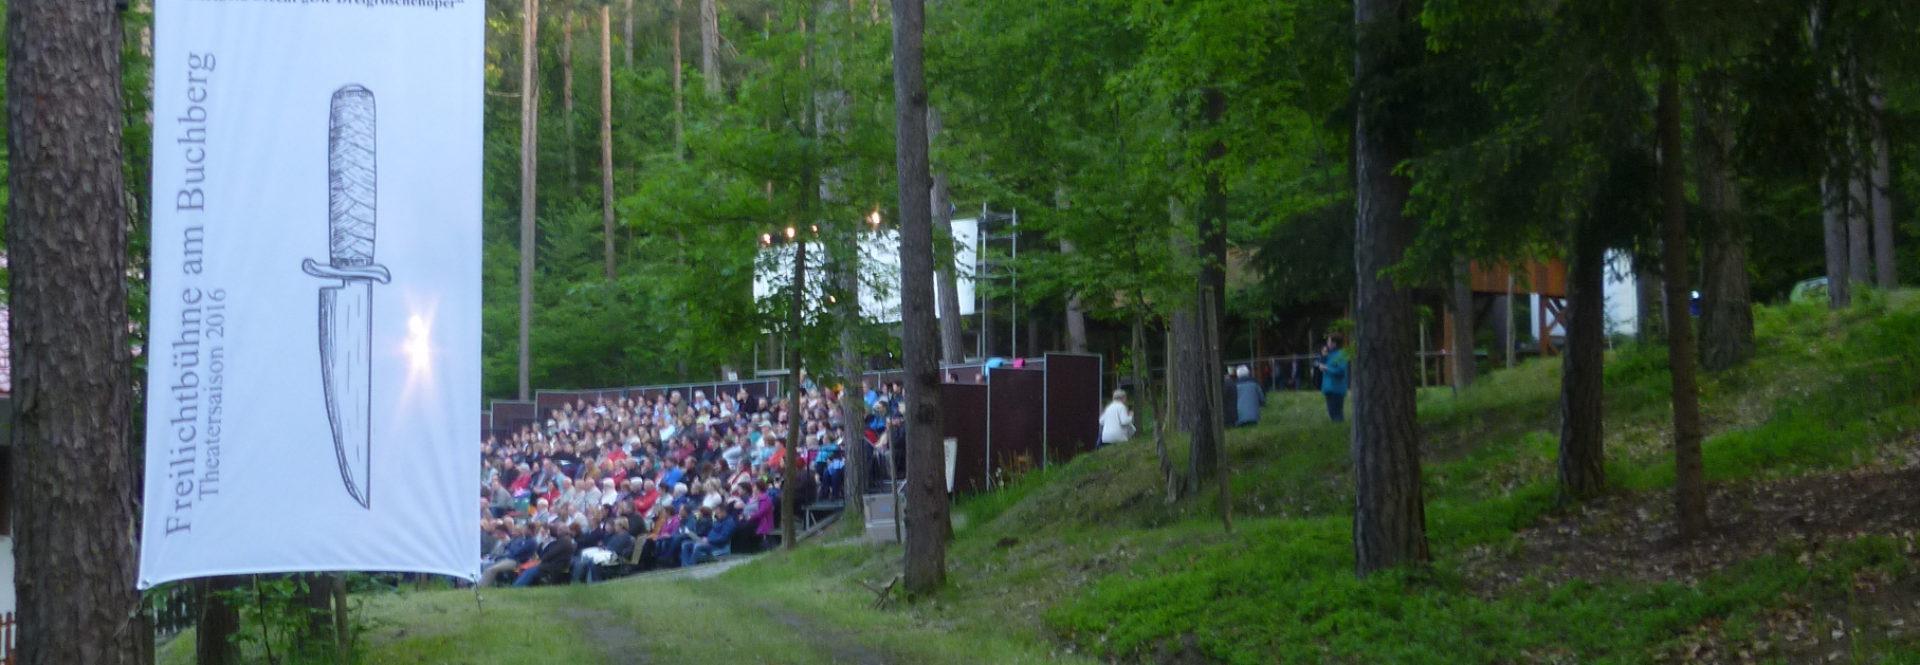 Freilichtbühne am Buchberg